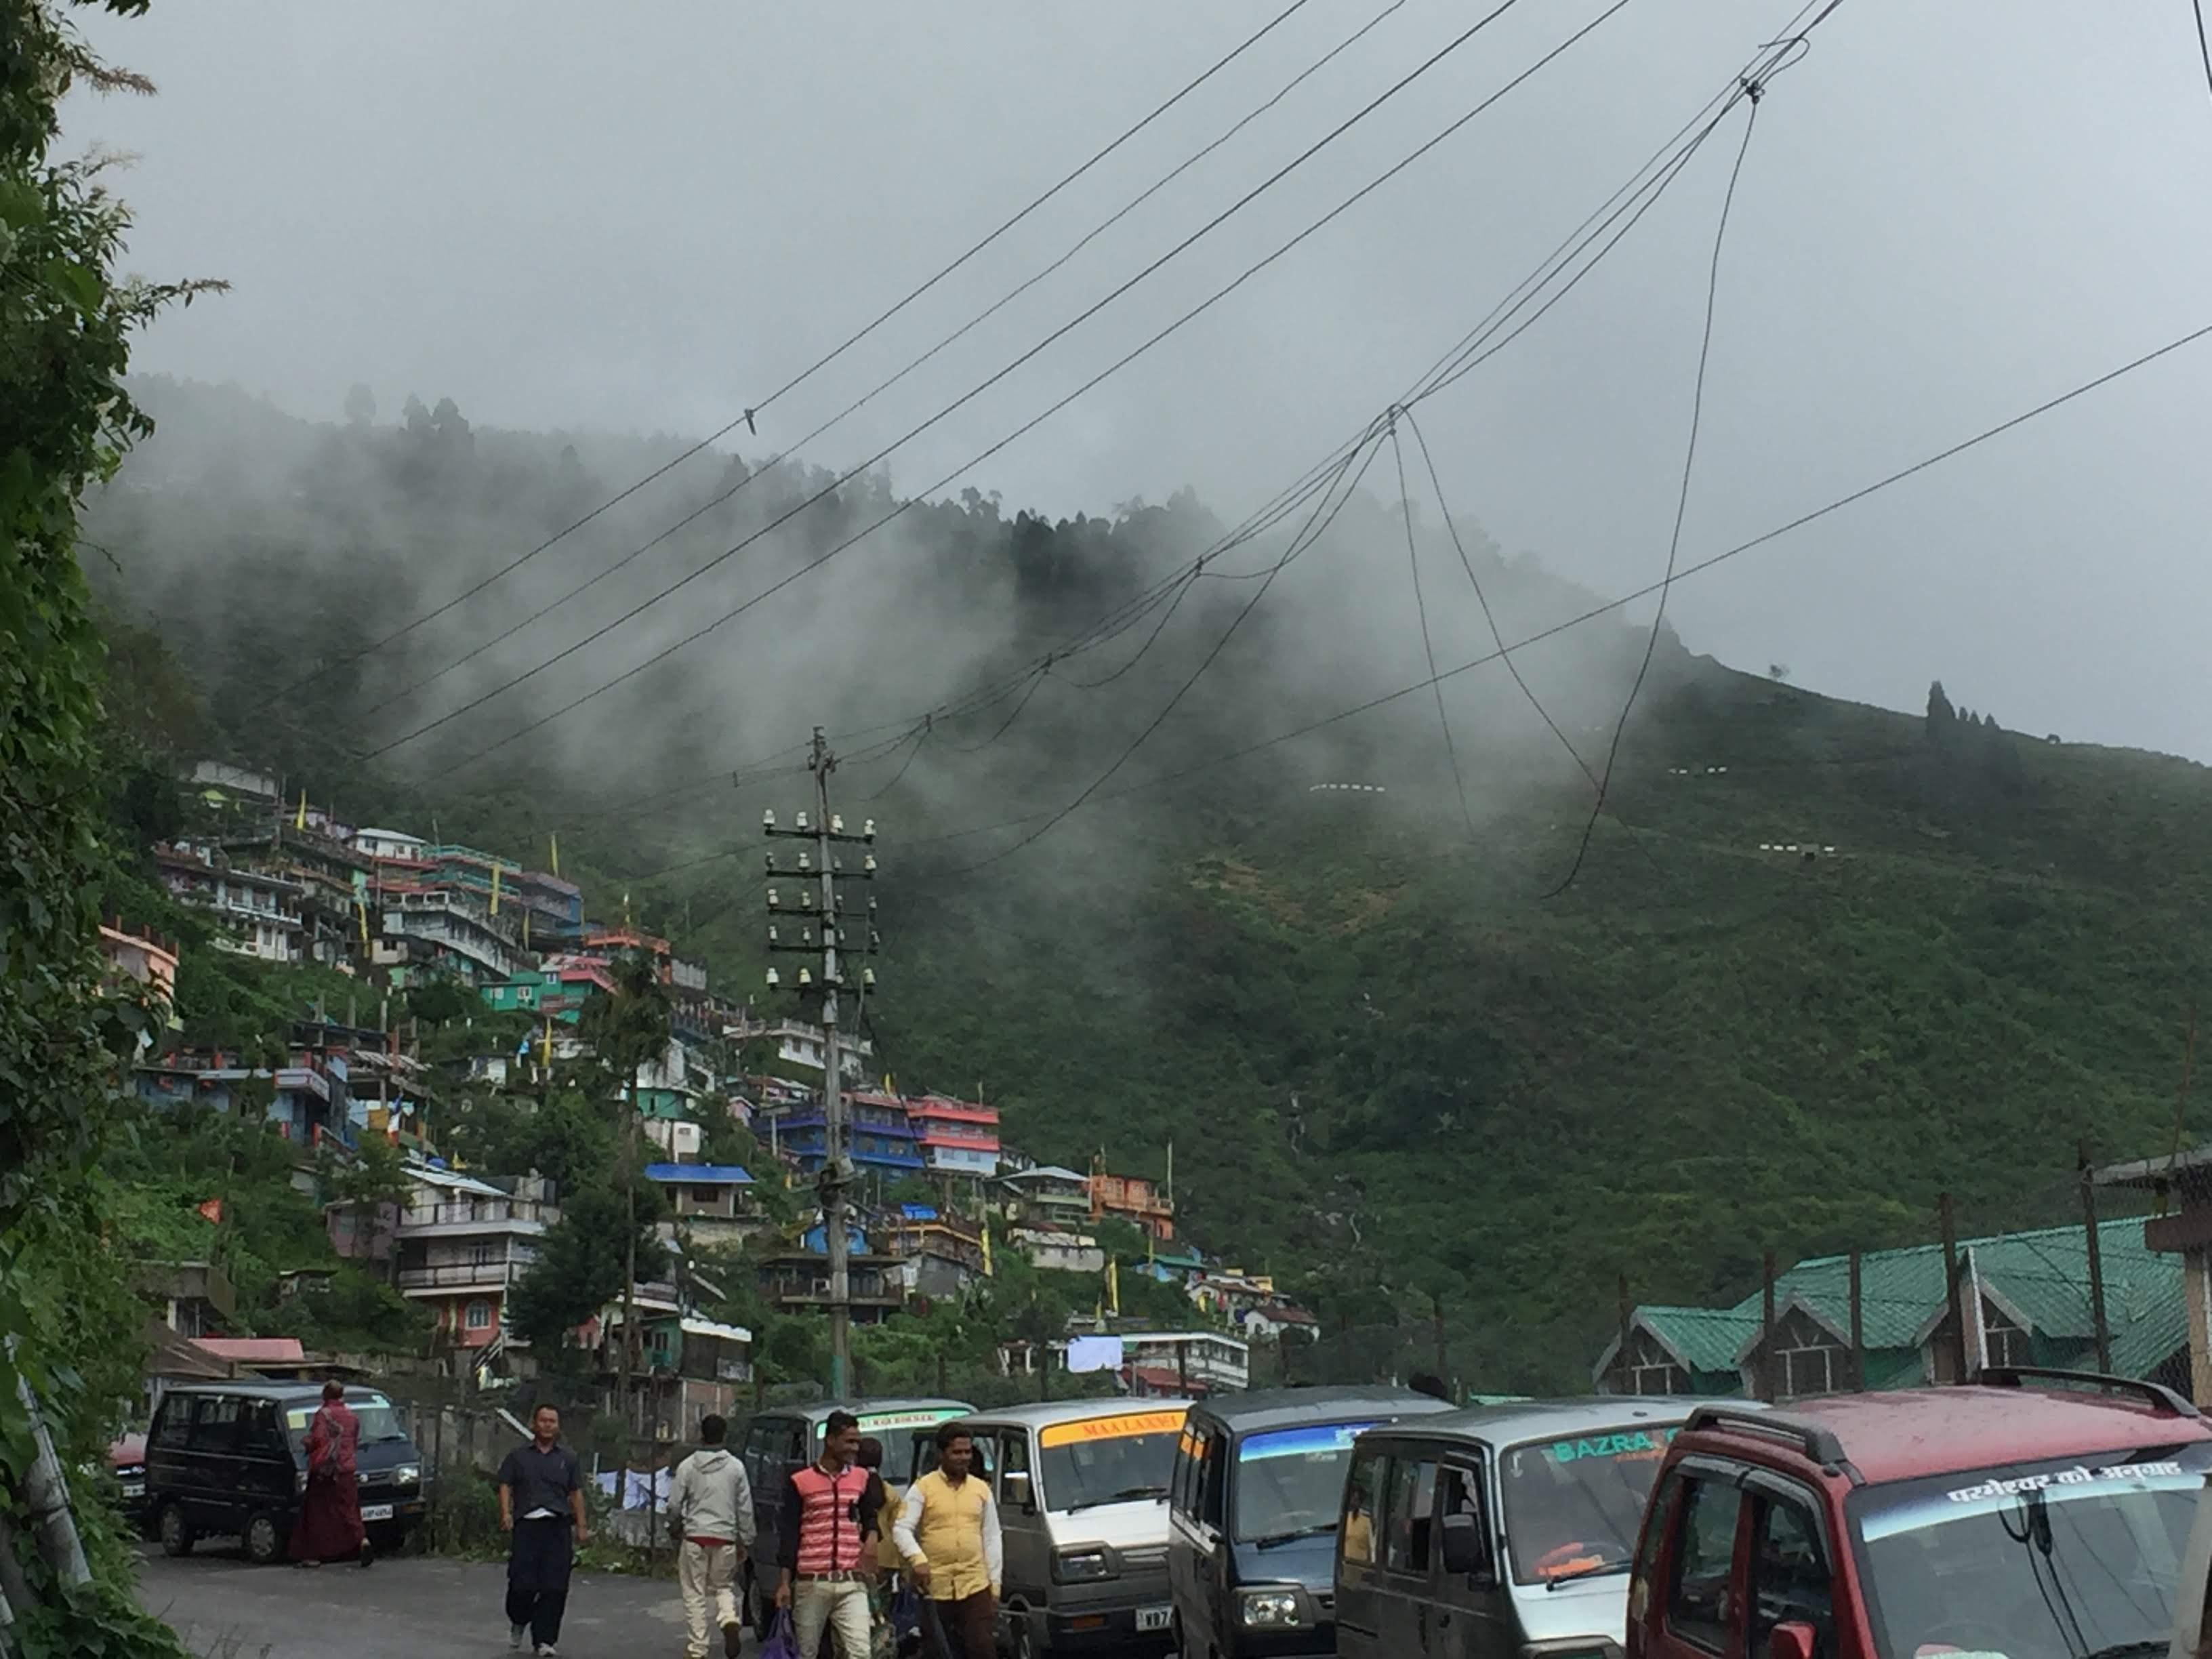 Darjeeling Tourist Spots 2020 1